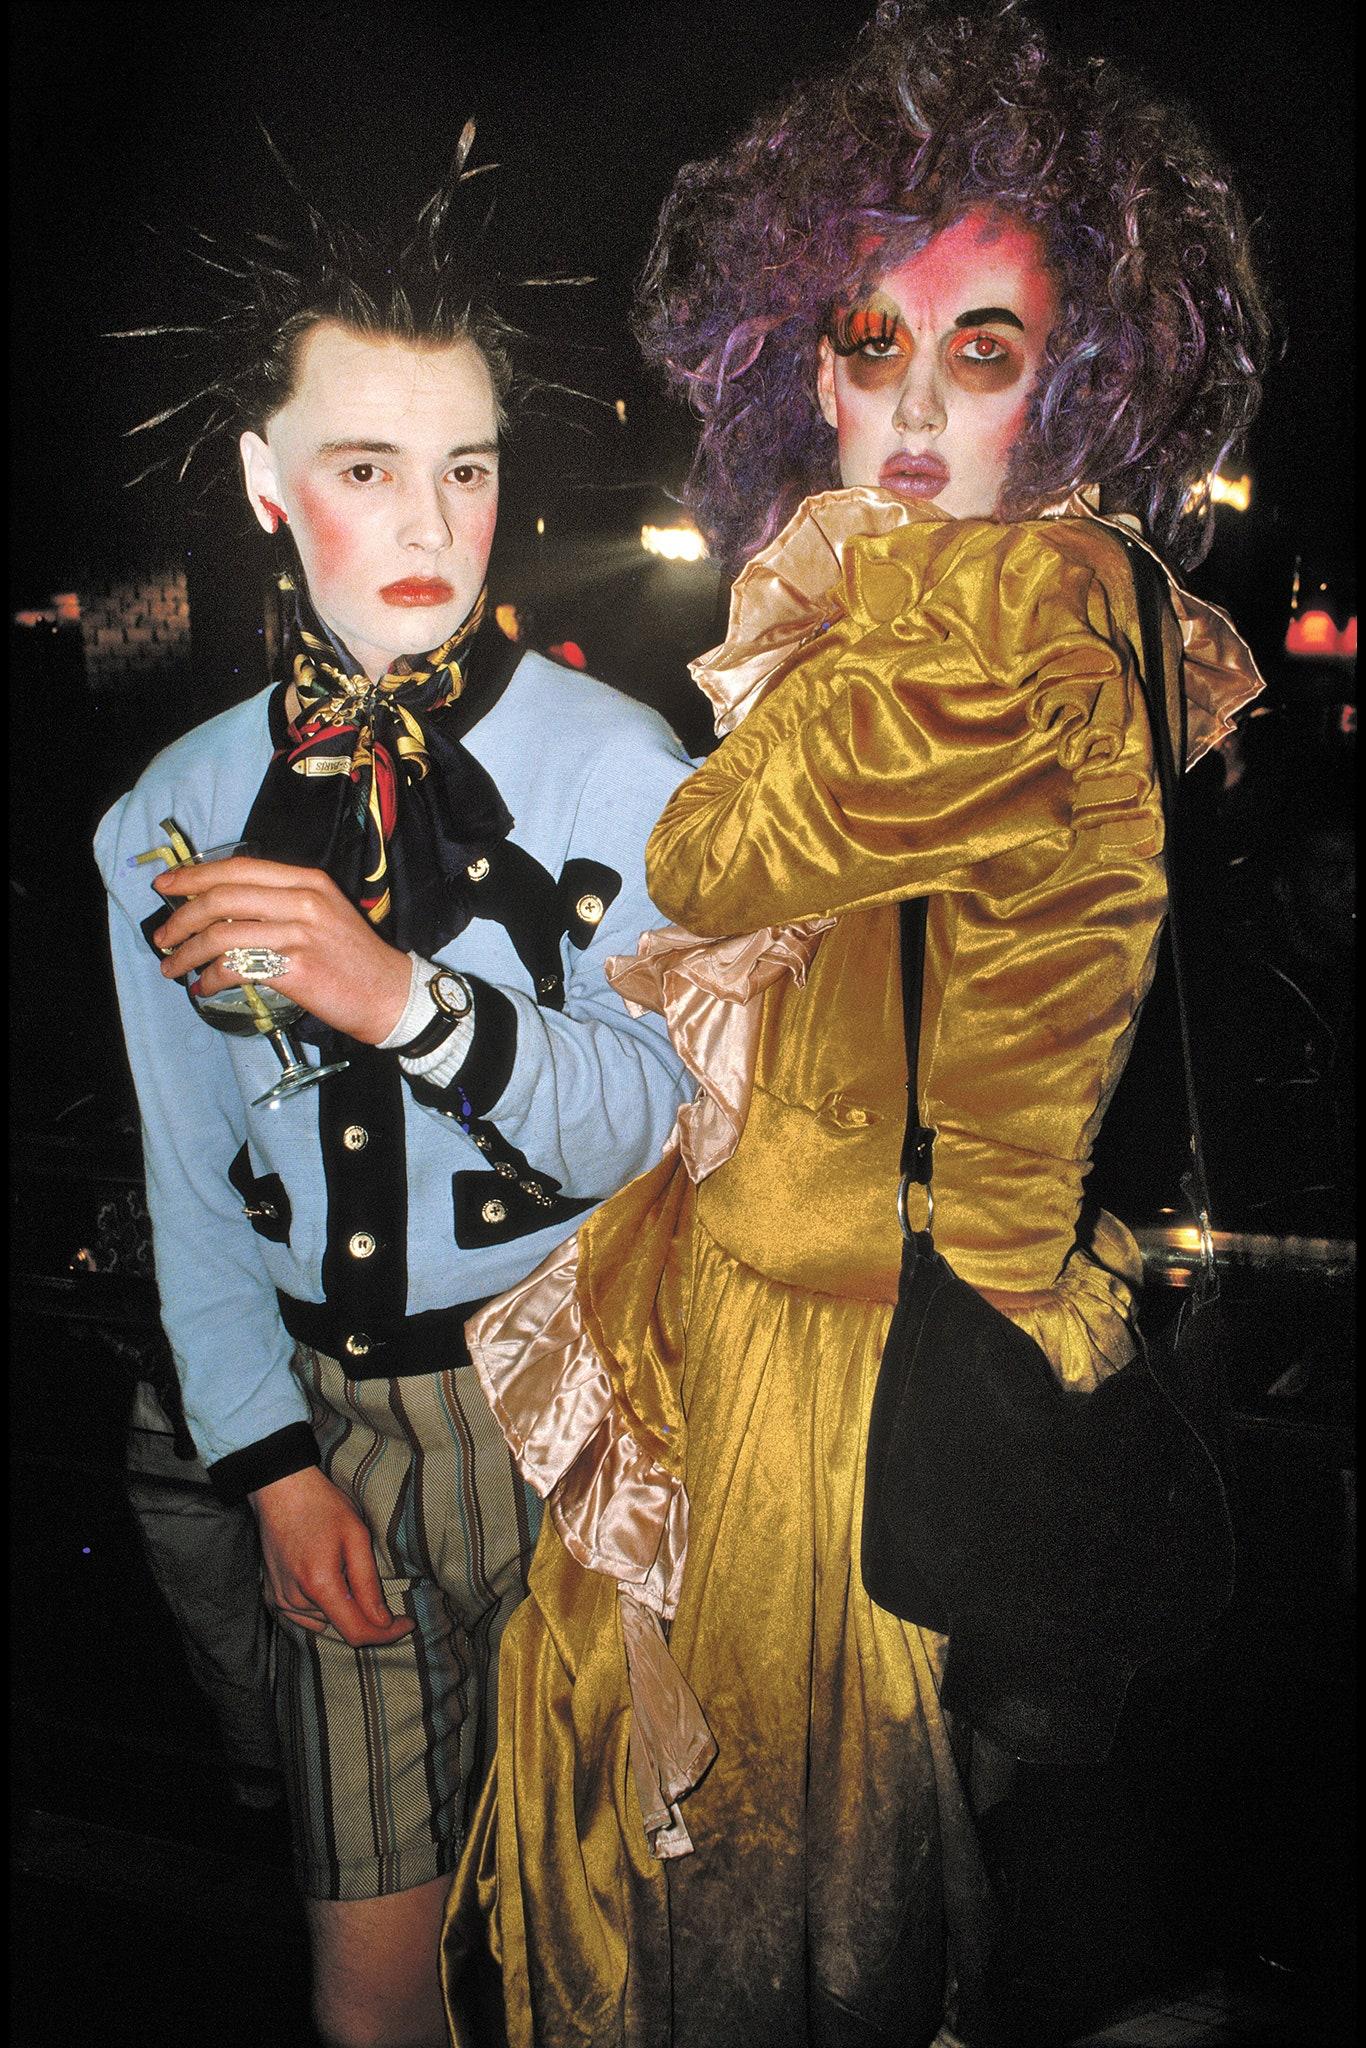 Club-rave-fashion_10.jpg